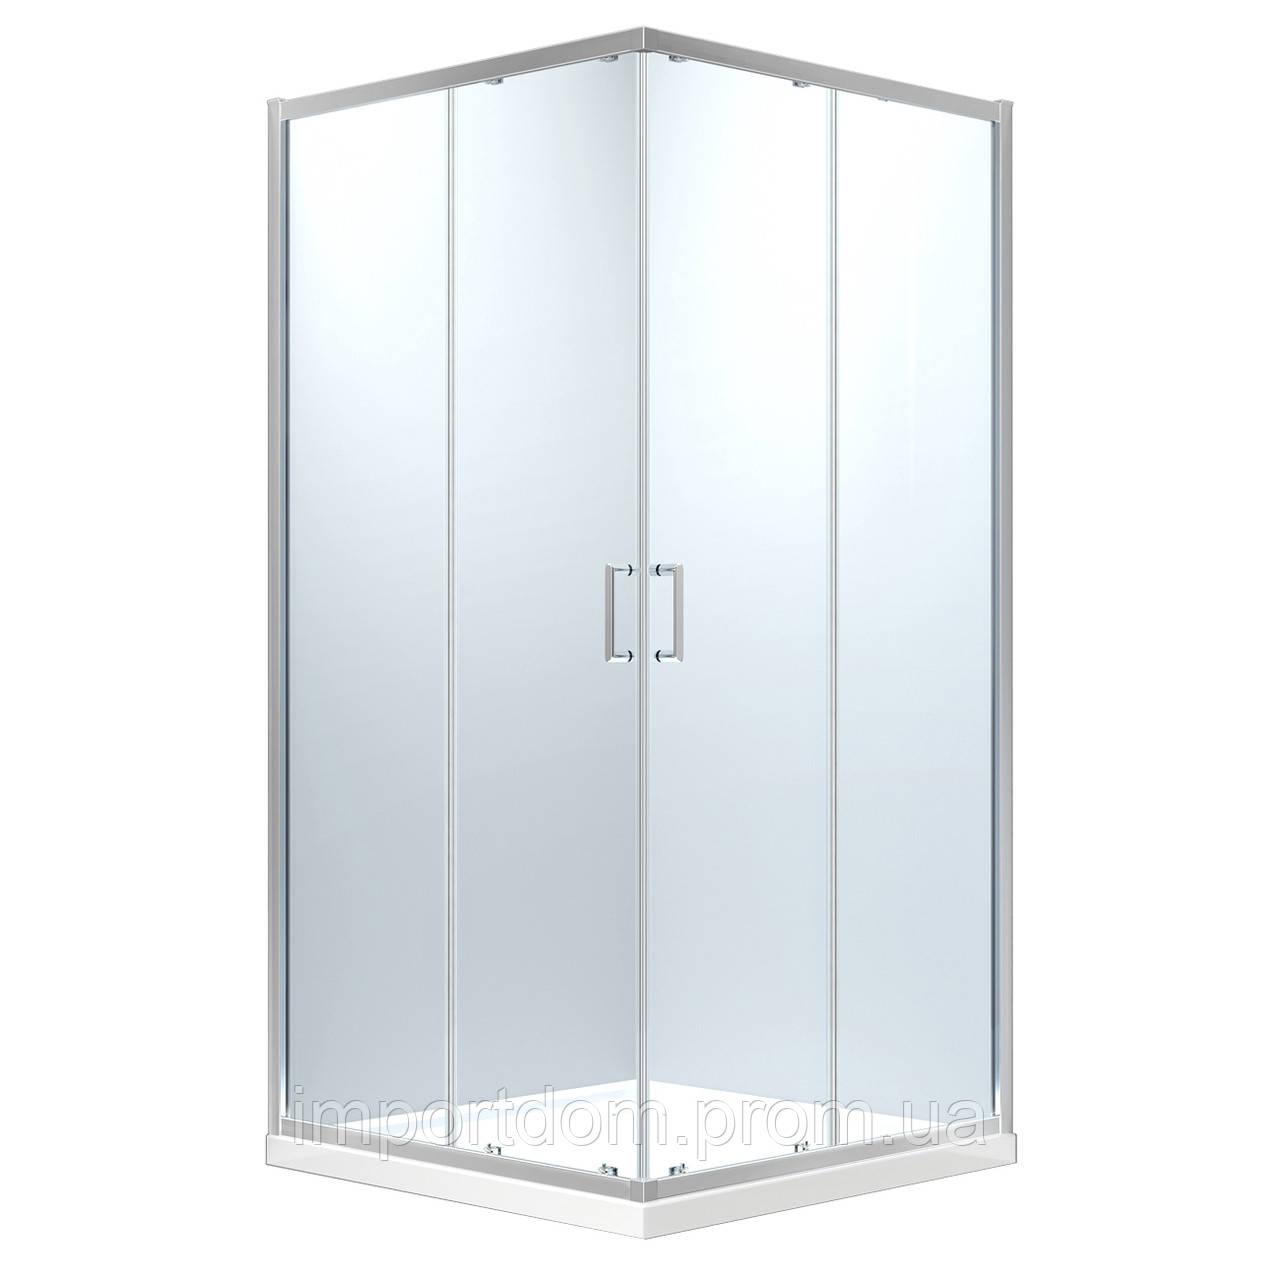 HÉVÍZ Душова кабіна квадратна 900*900*1950мм(скла+двері), розсувні двері, скло 6 мм, профіль хром